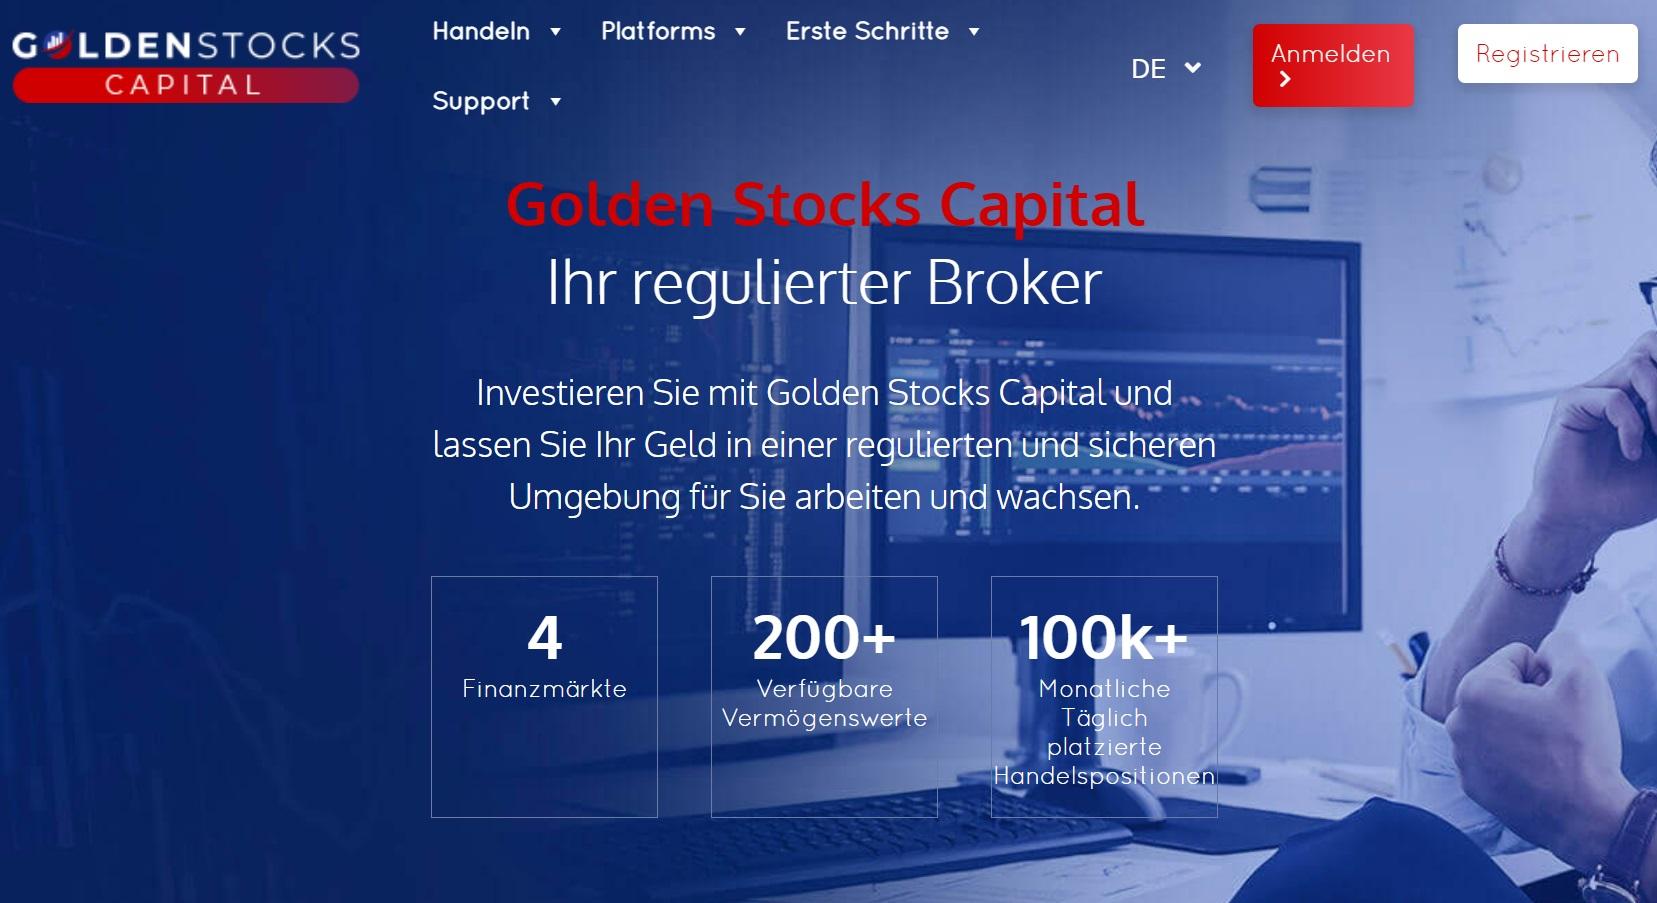 Golden Stocks Capital